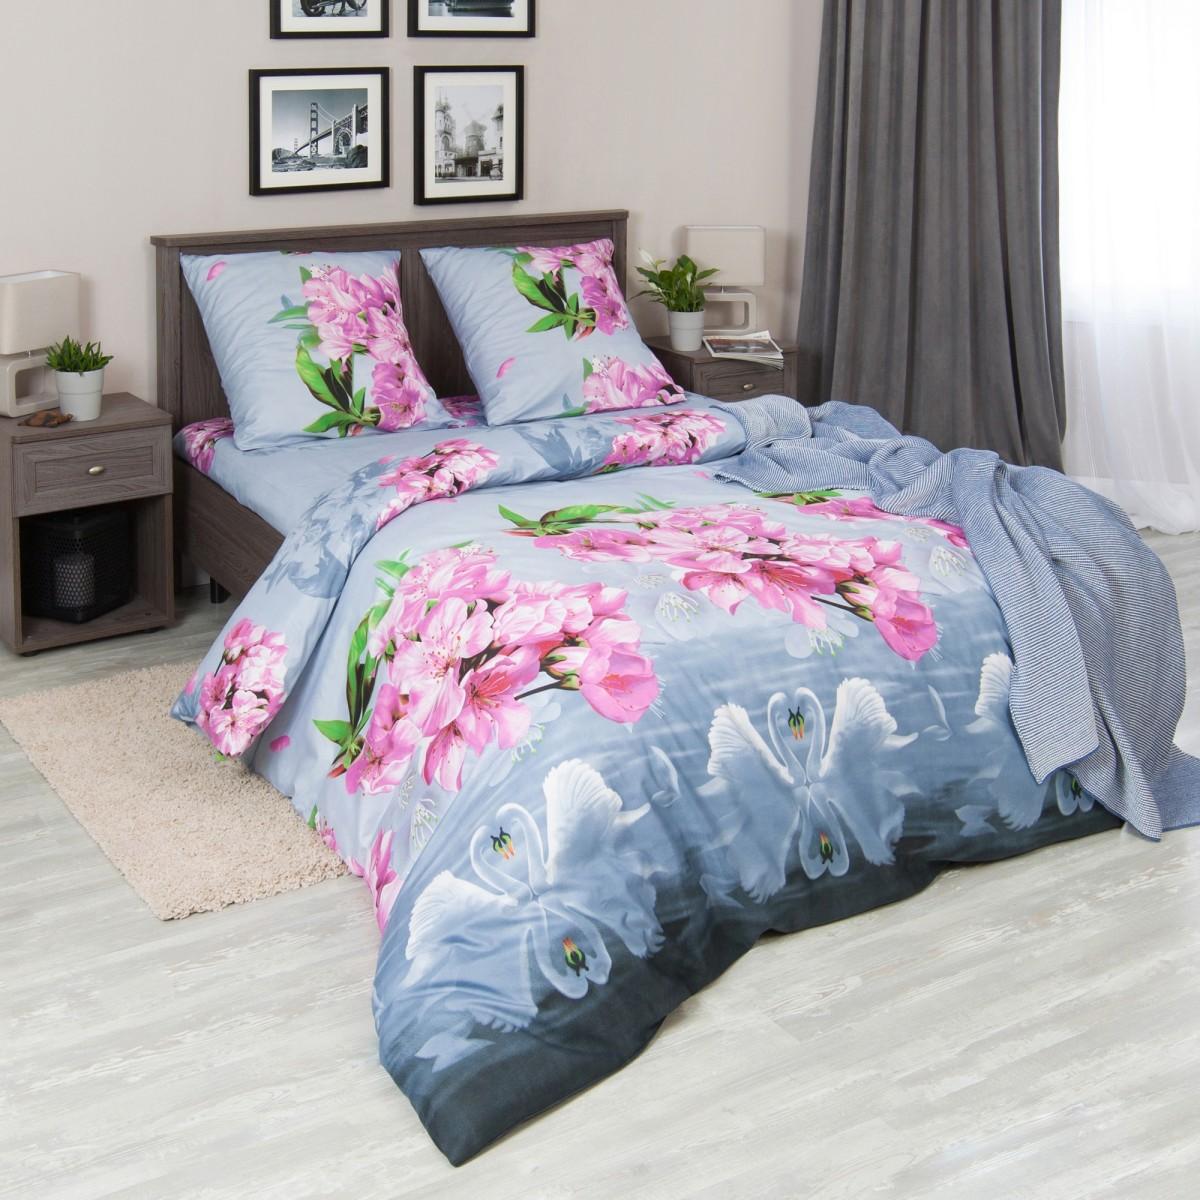 Комплект постельного белья Нисан двуспальный микрофибра